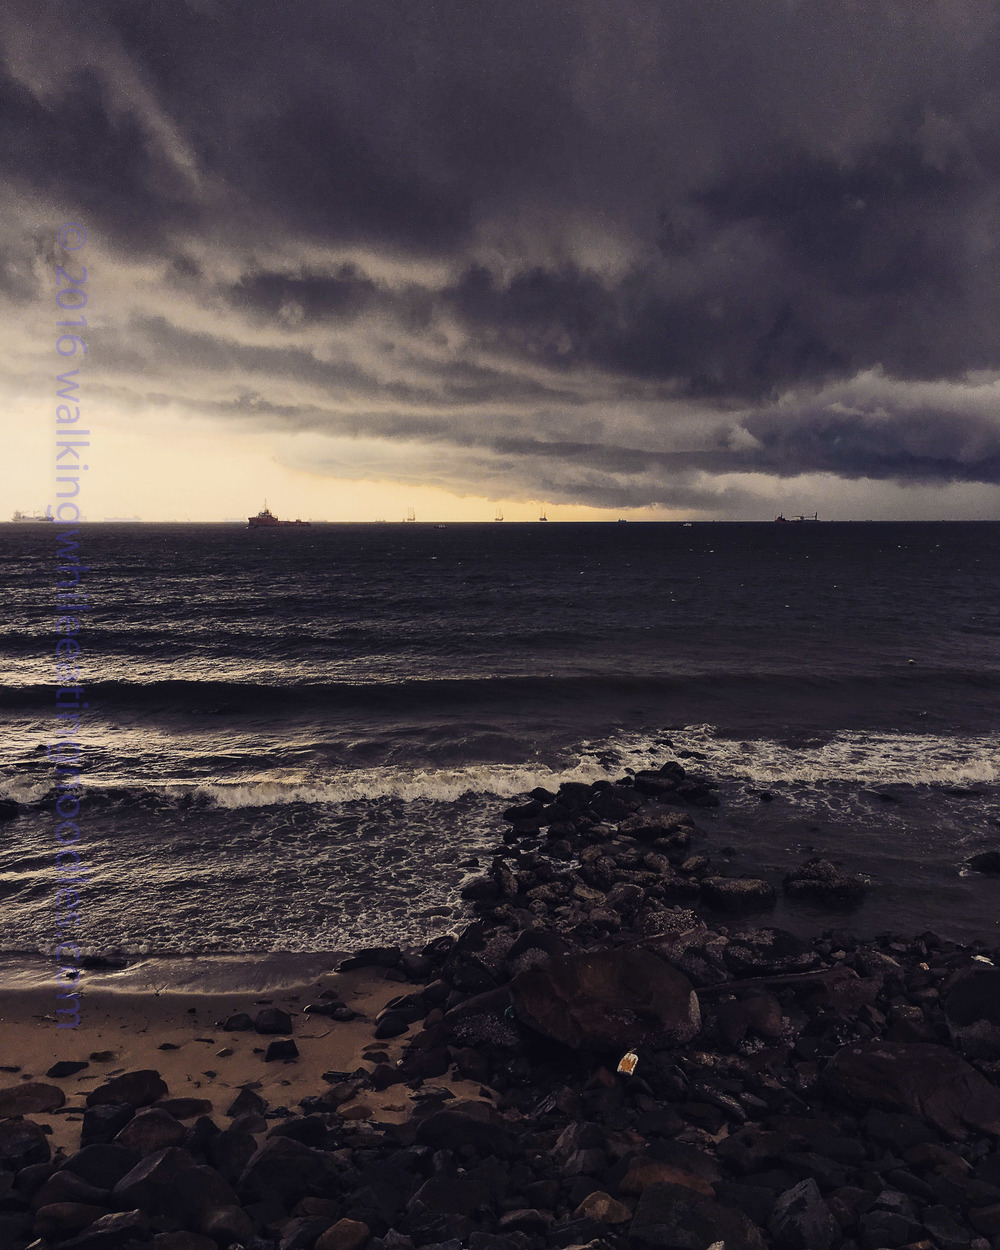 Storm in Vung Tau